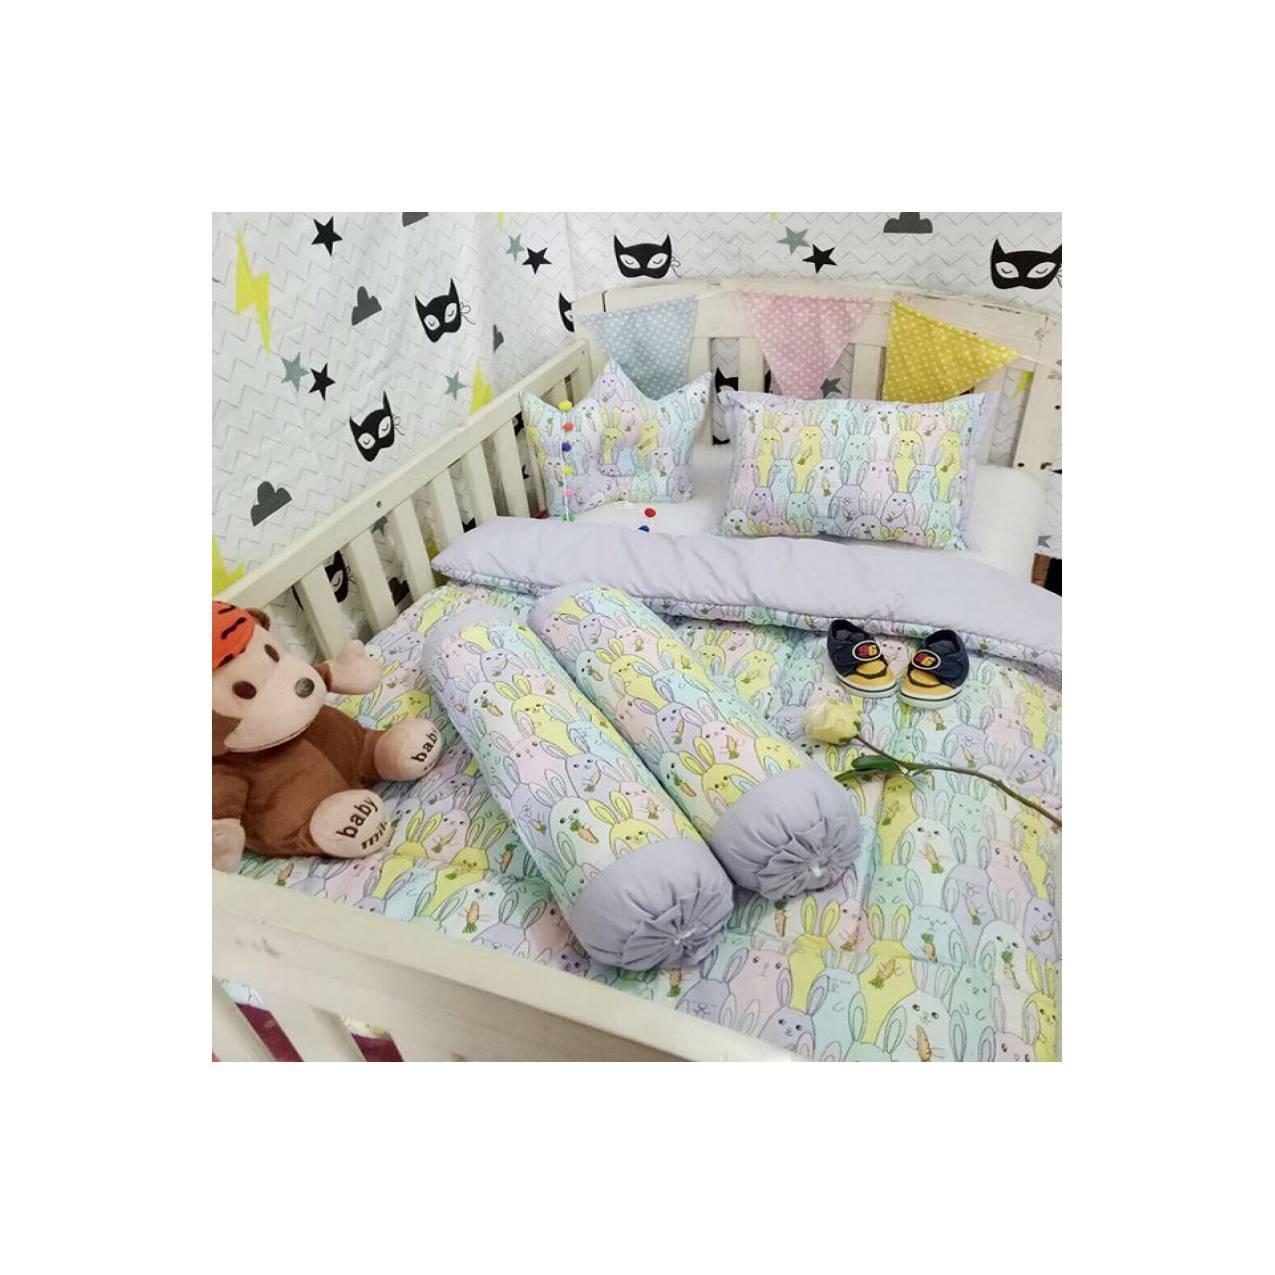 Promo Paket Baby Set / Perlengkapan Tidur Bayi / Kado Bayi